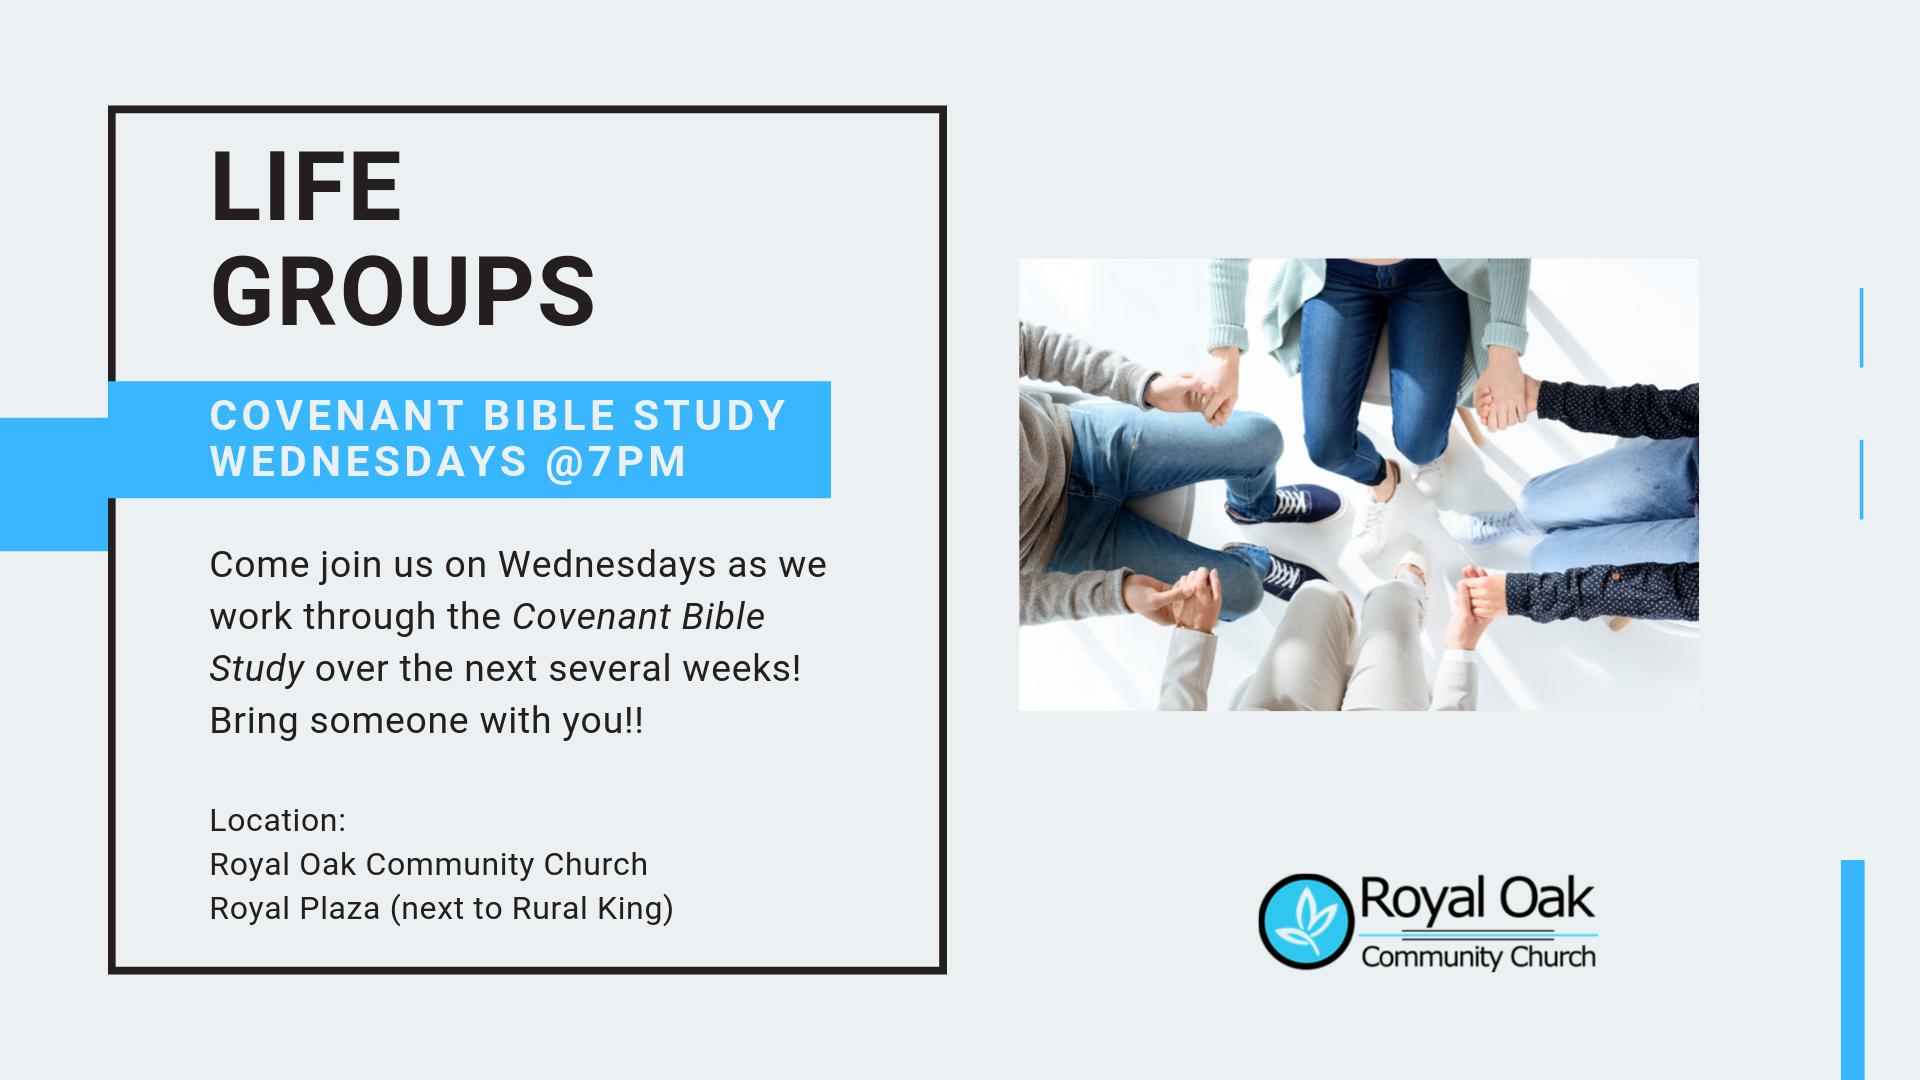 LIFE GROUPS_BibleStudy